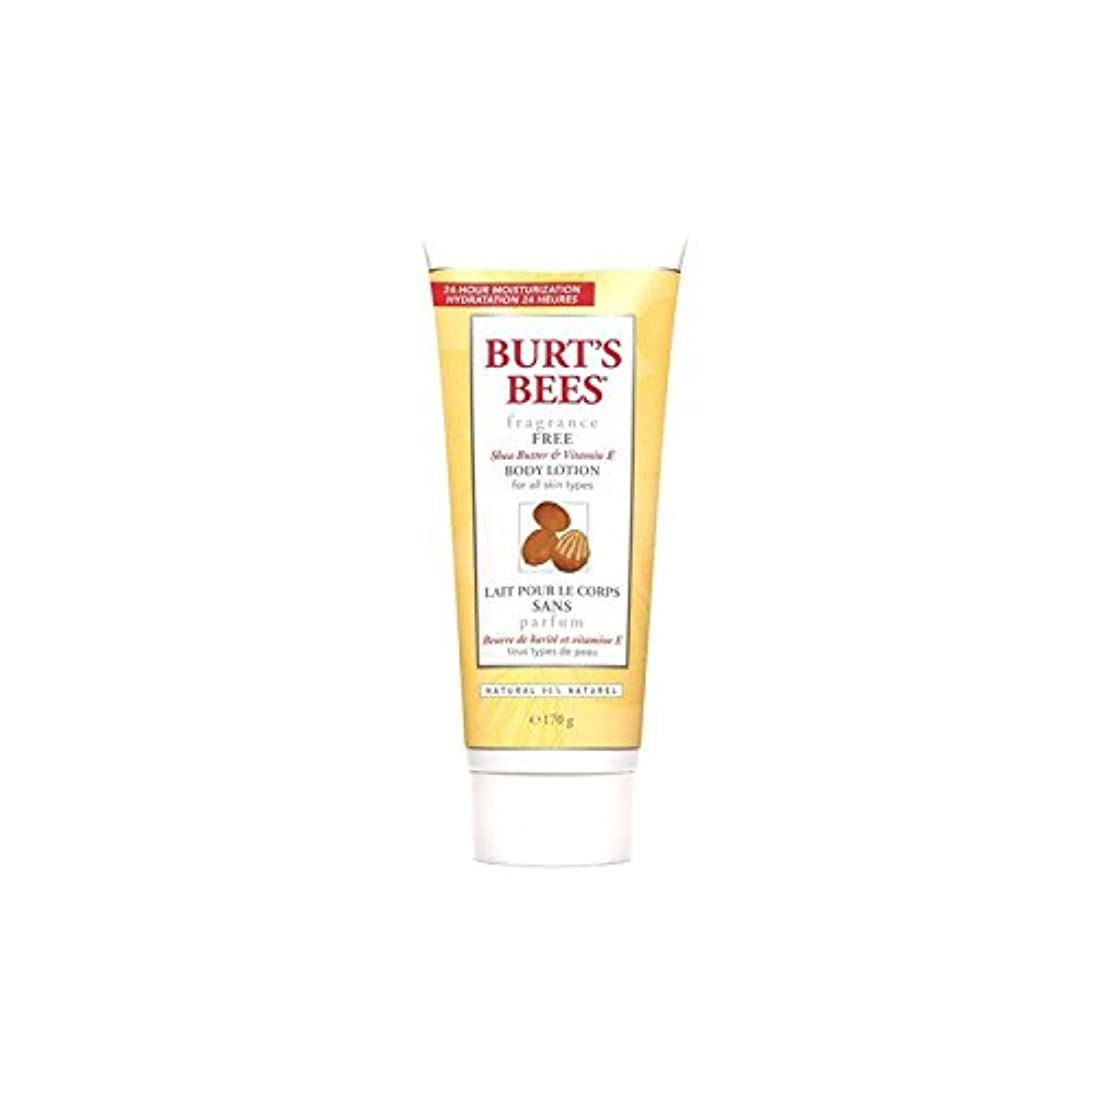 待って息子アラートBurt's Bees Body Lotion - Fragrance Free 6fl oz - バーツビーボディローション - 無香料6オンス [並行輸入品]